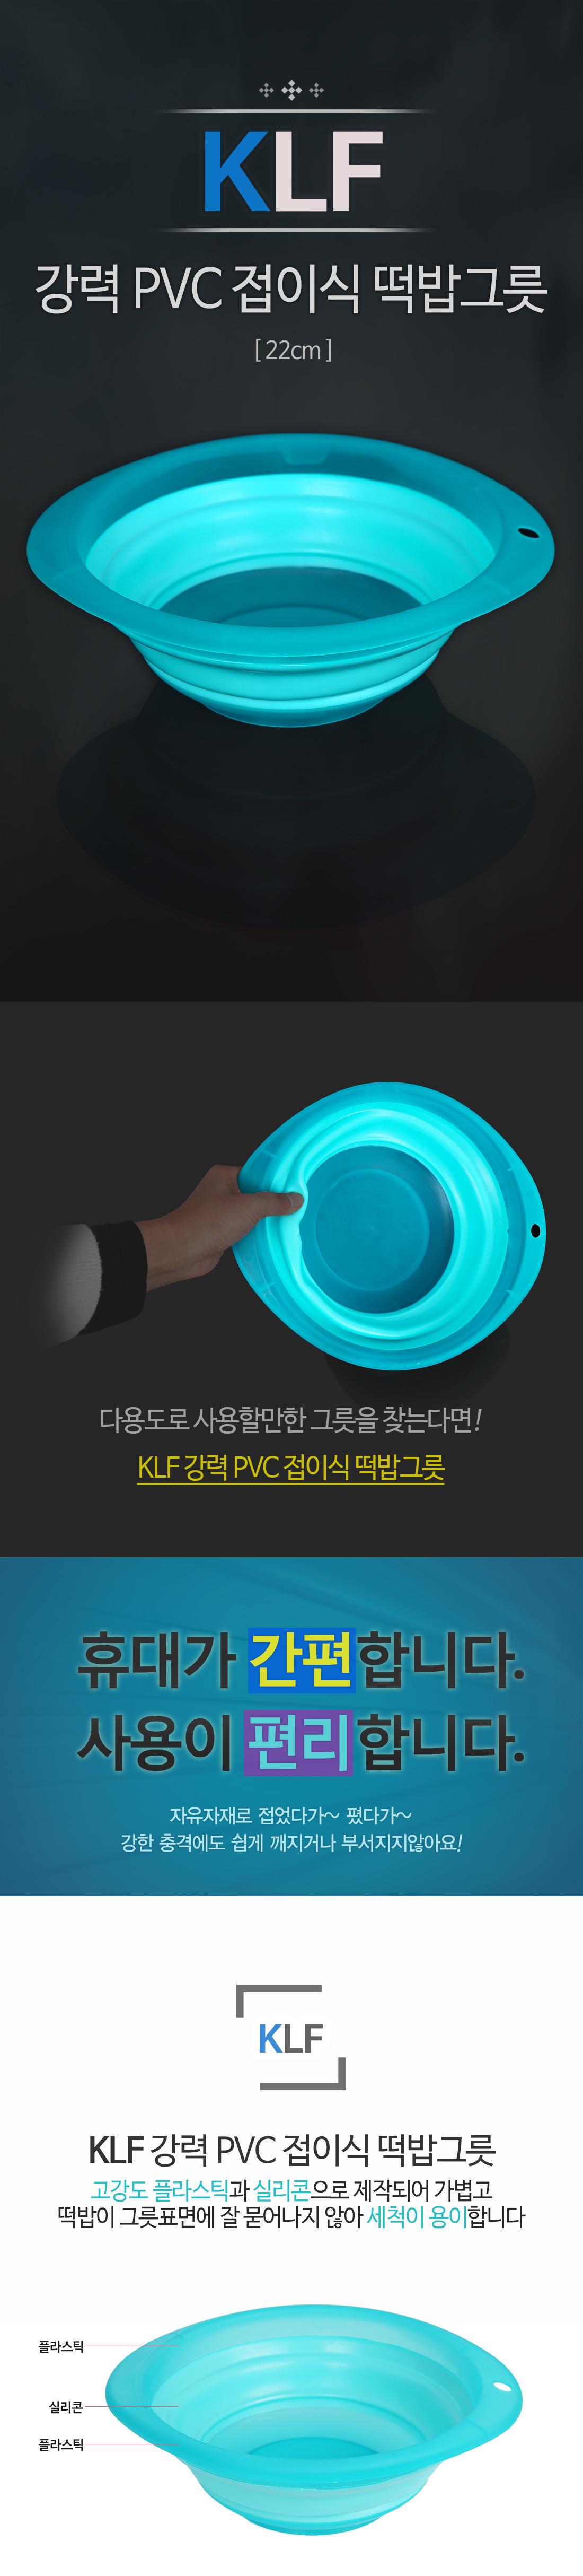 KLF 강력 PVC 접이식 떡밥그릇 밥그릇 밑밥그릇 그릇